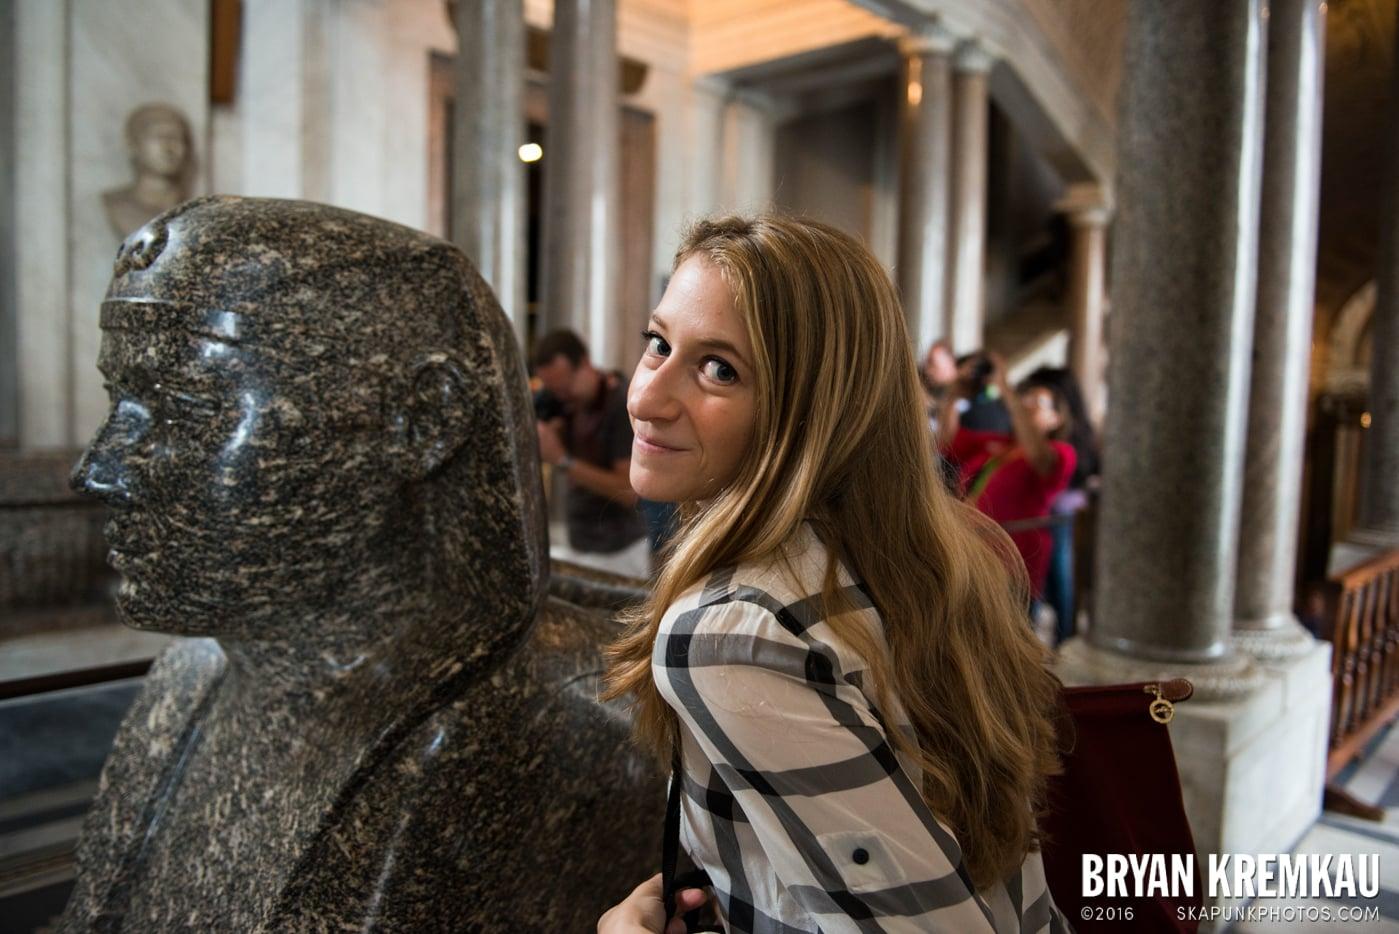 Italy Vacation - Day 3: Rome - 9.11.13 (49)